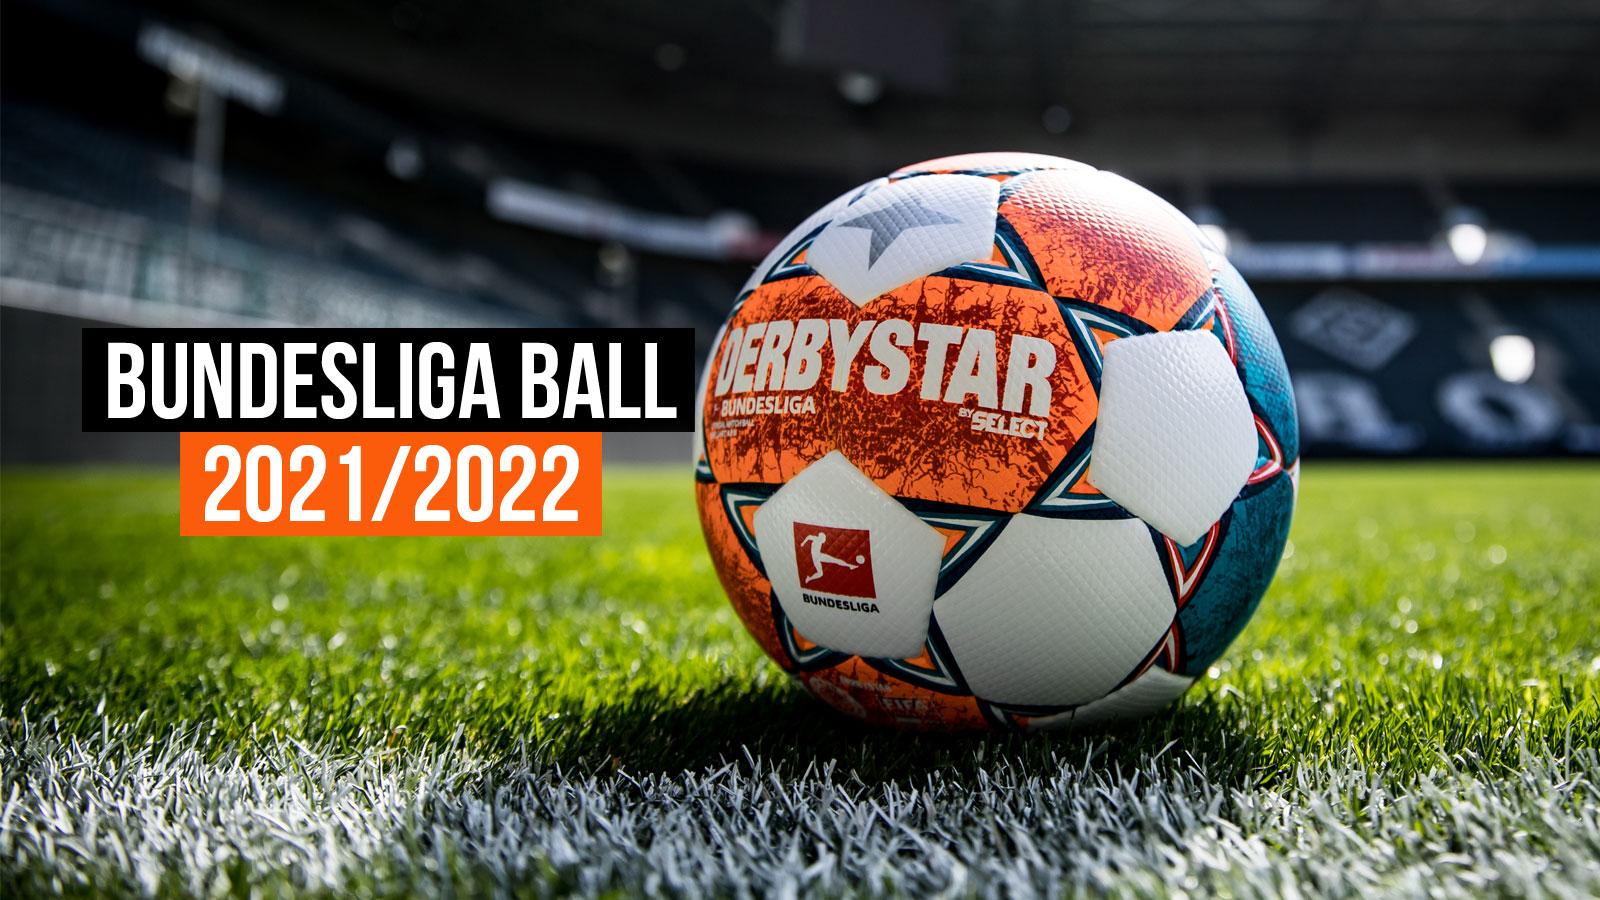 der Derbystar Bundesliga Ball 2021/2022 Brillant